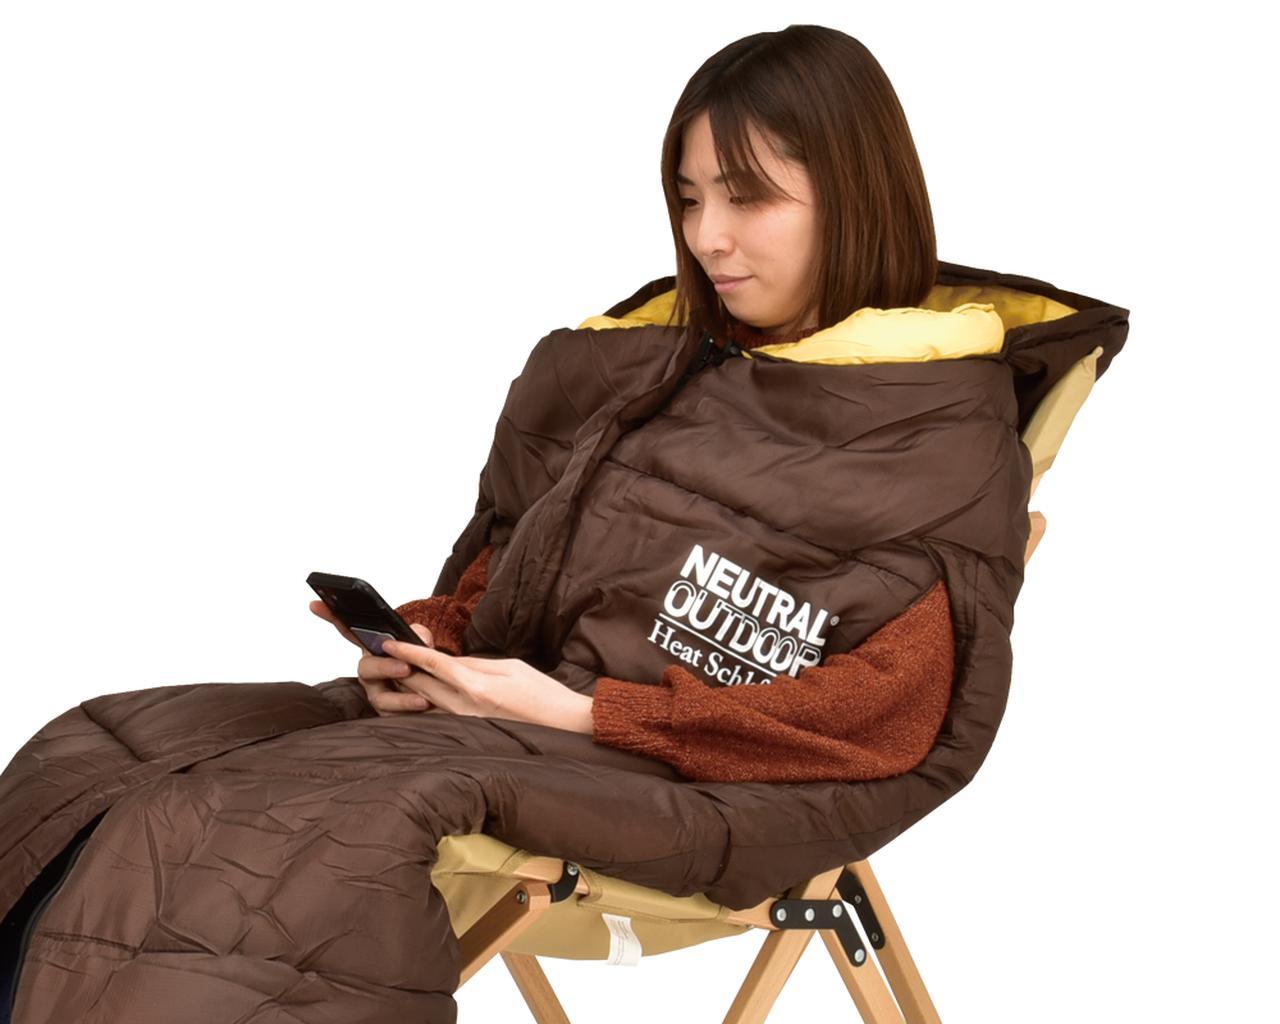 画像7: 冬場は寒くて眠れない? なら寝袋を暖めればいいじゃない